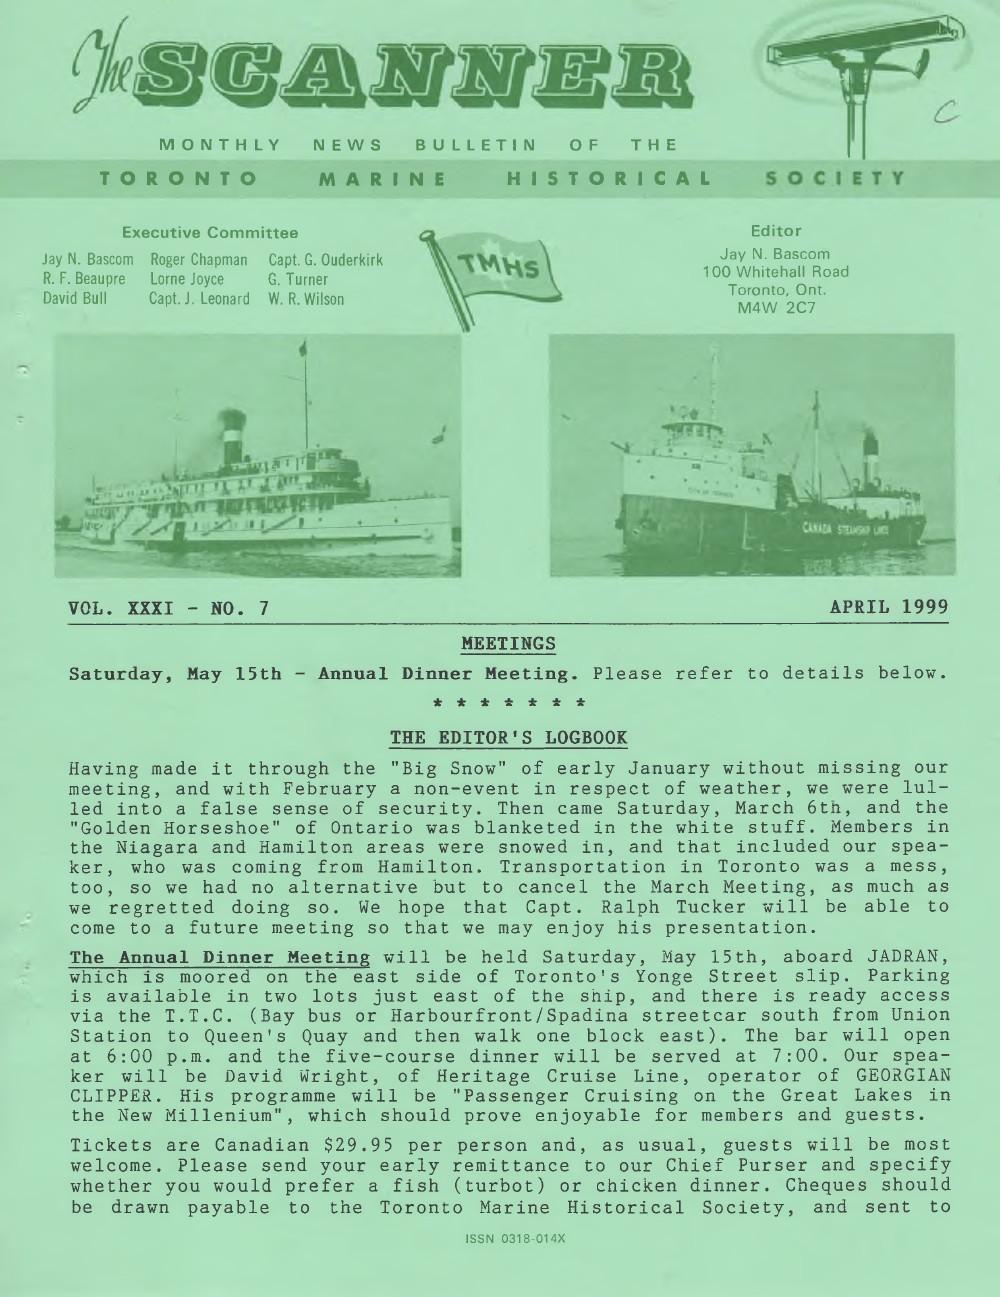 Scanner, v. 31, no. 7 (April 1999)